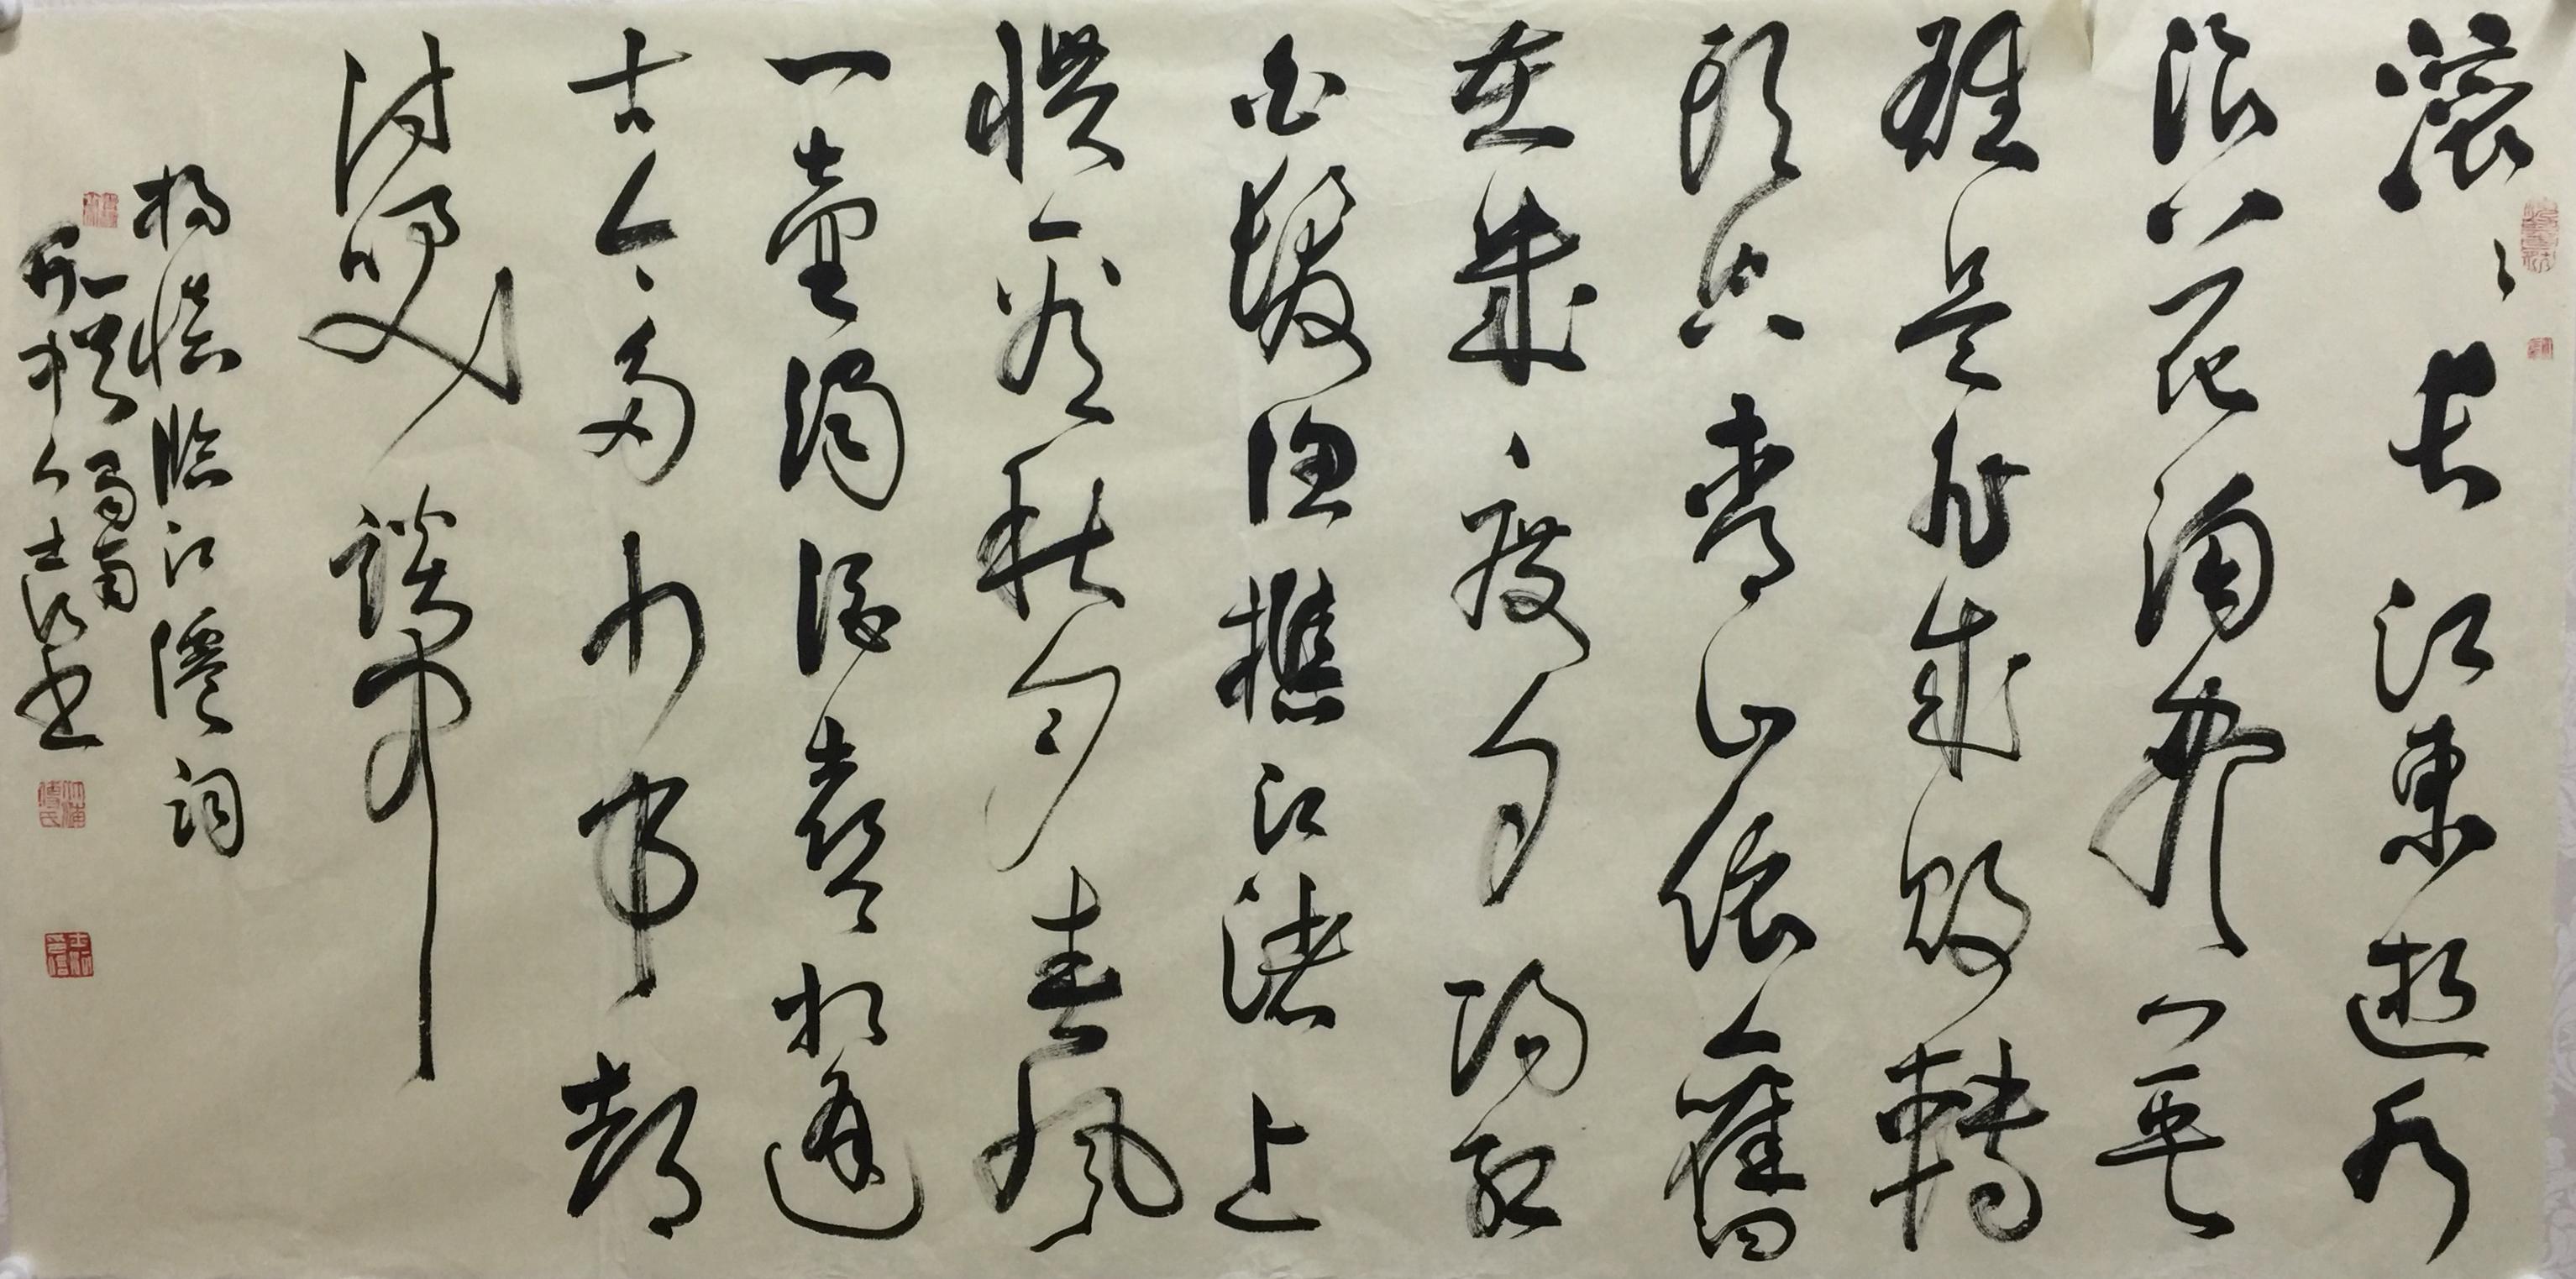 【巴蜀书画】付士河书法滚滚长江东逝水手写真迹名家书画名人字画